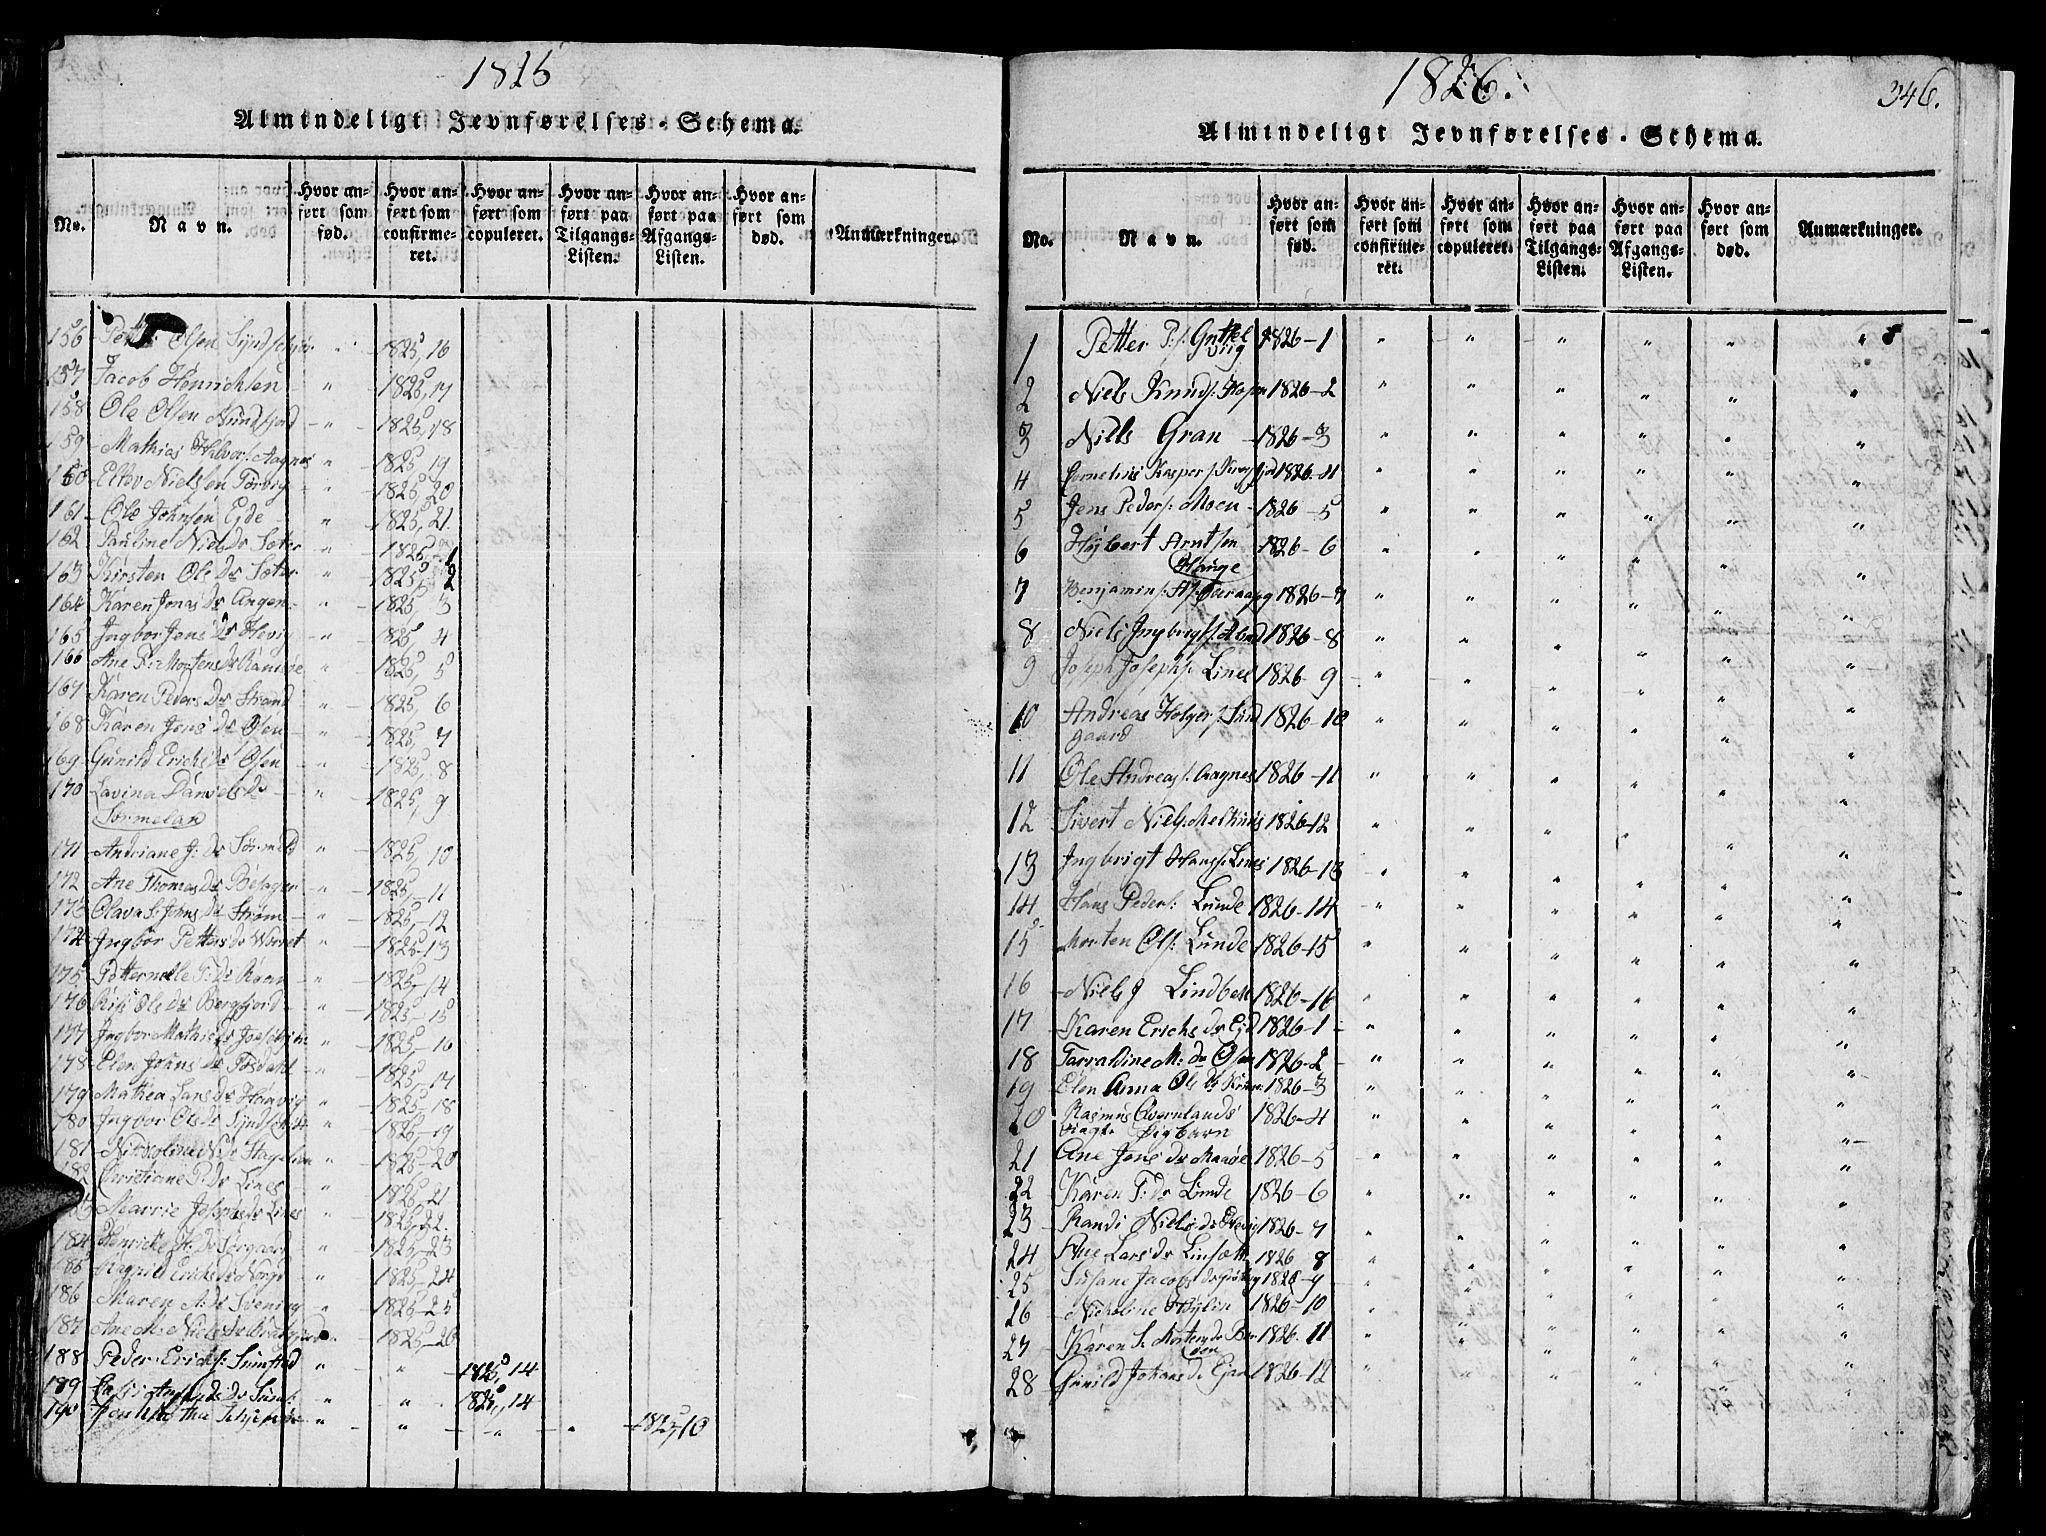 SAT, Ministerialprotokoller, klokkerbøker og fødselsregistre - Sør-Trøndelag, 657/L0714: Klokkerbok nr. 657C01, 1818-1868, s. 346